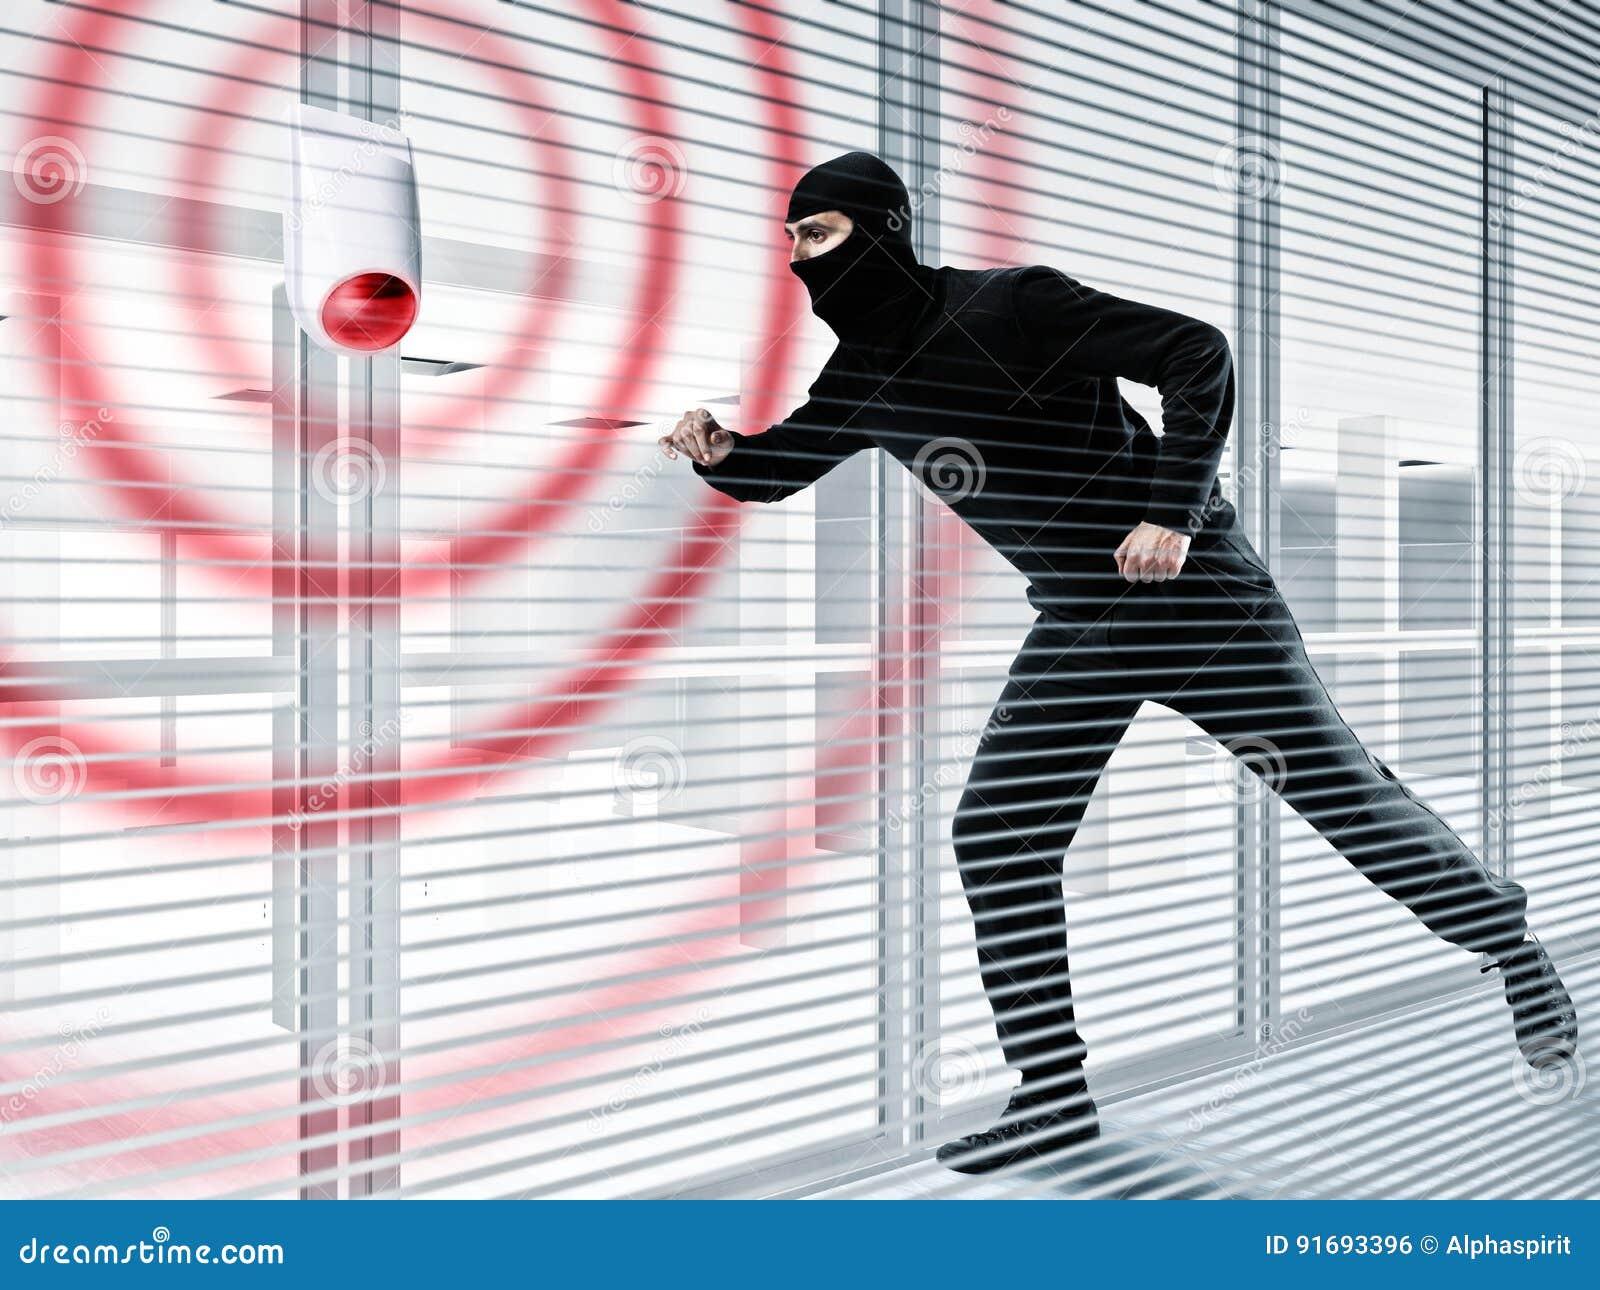 Allarme per rubare un ladro